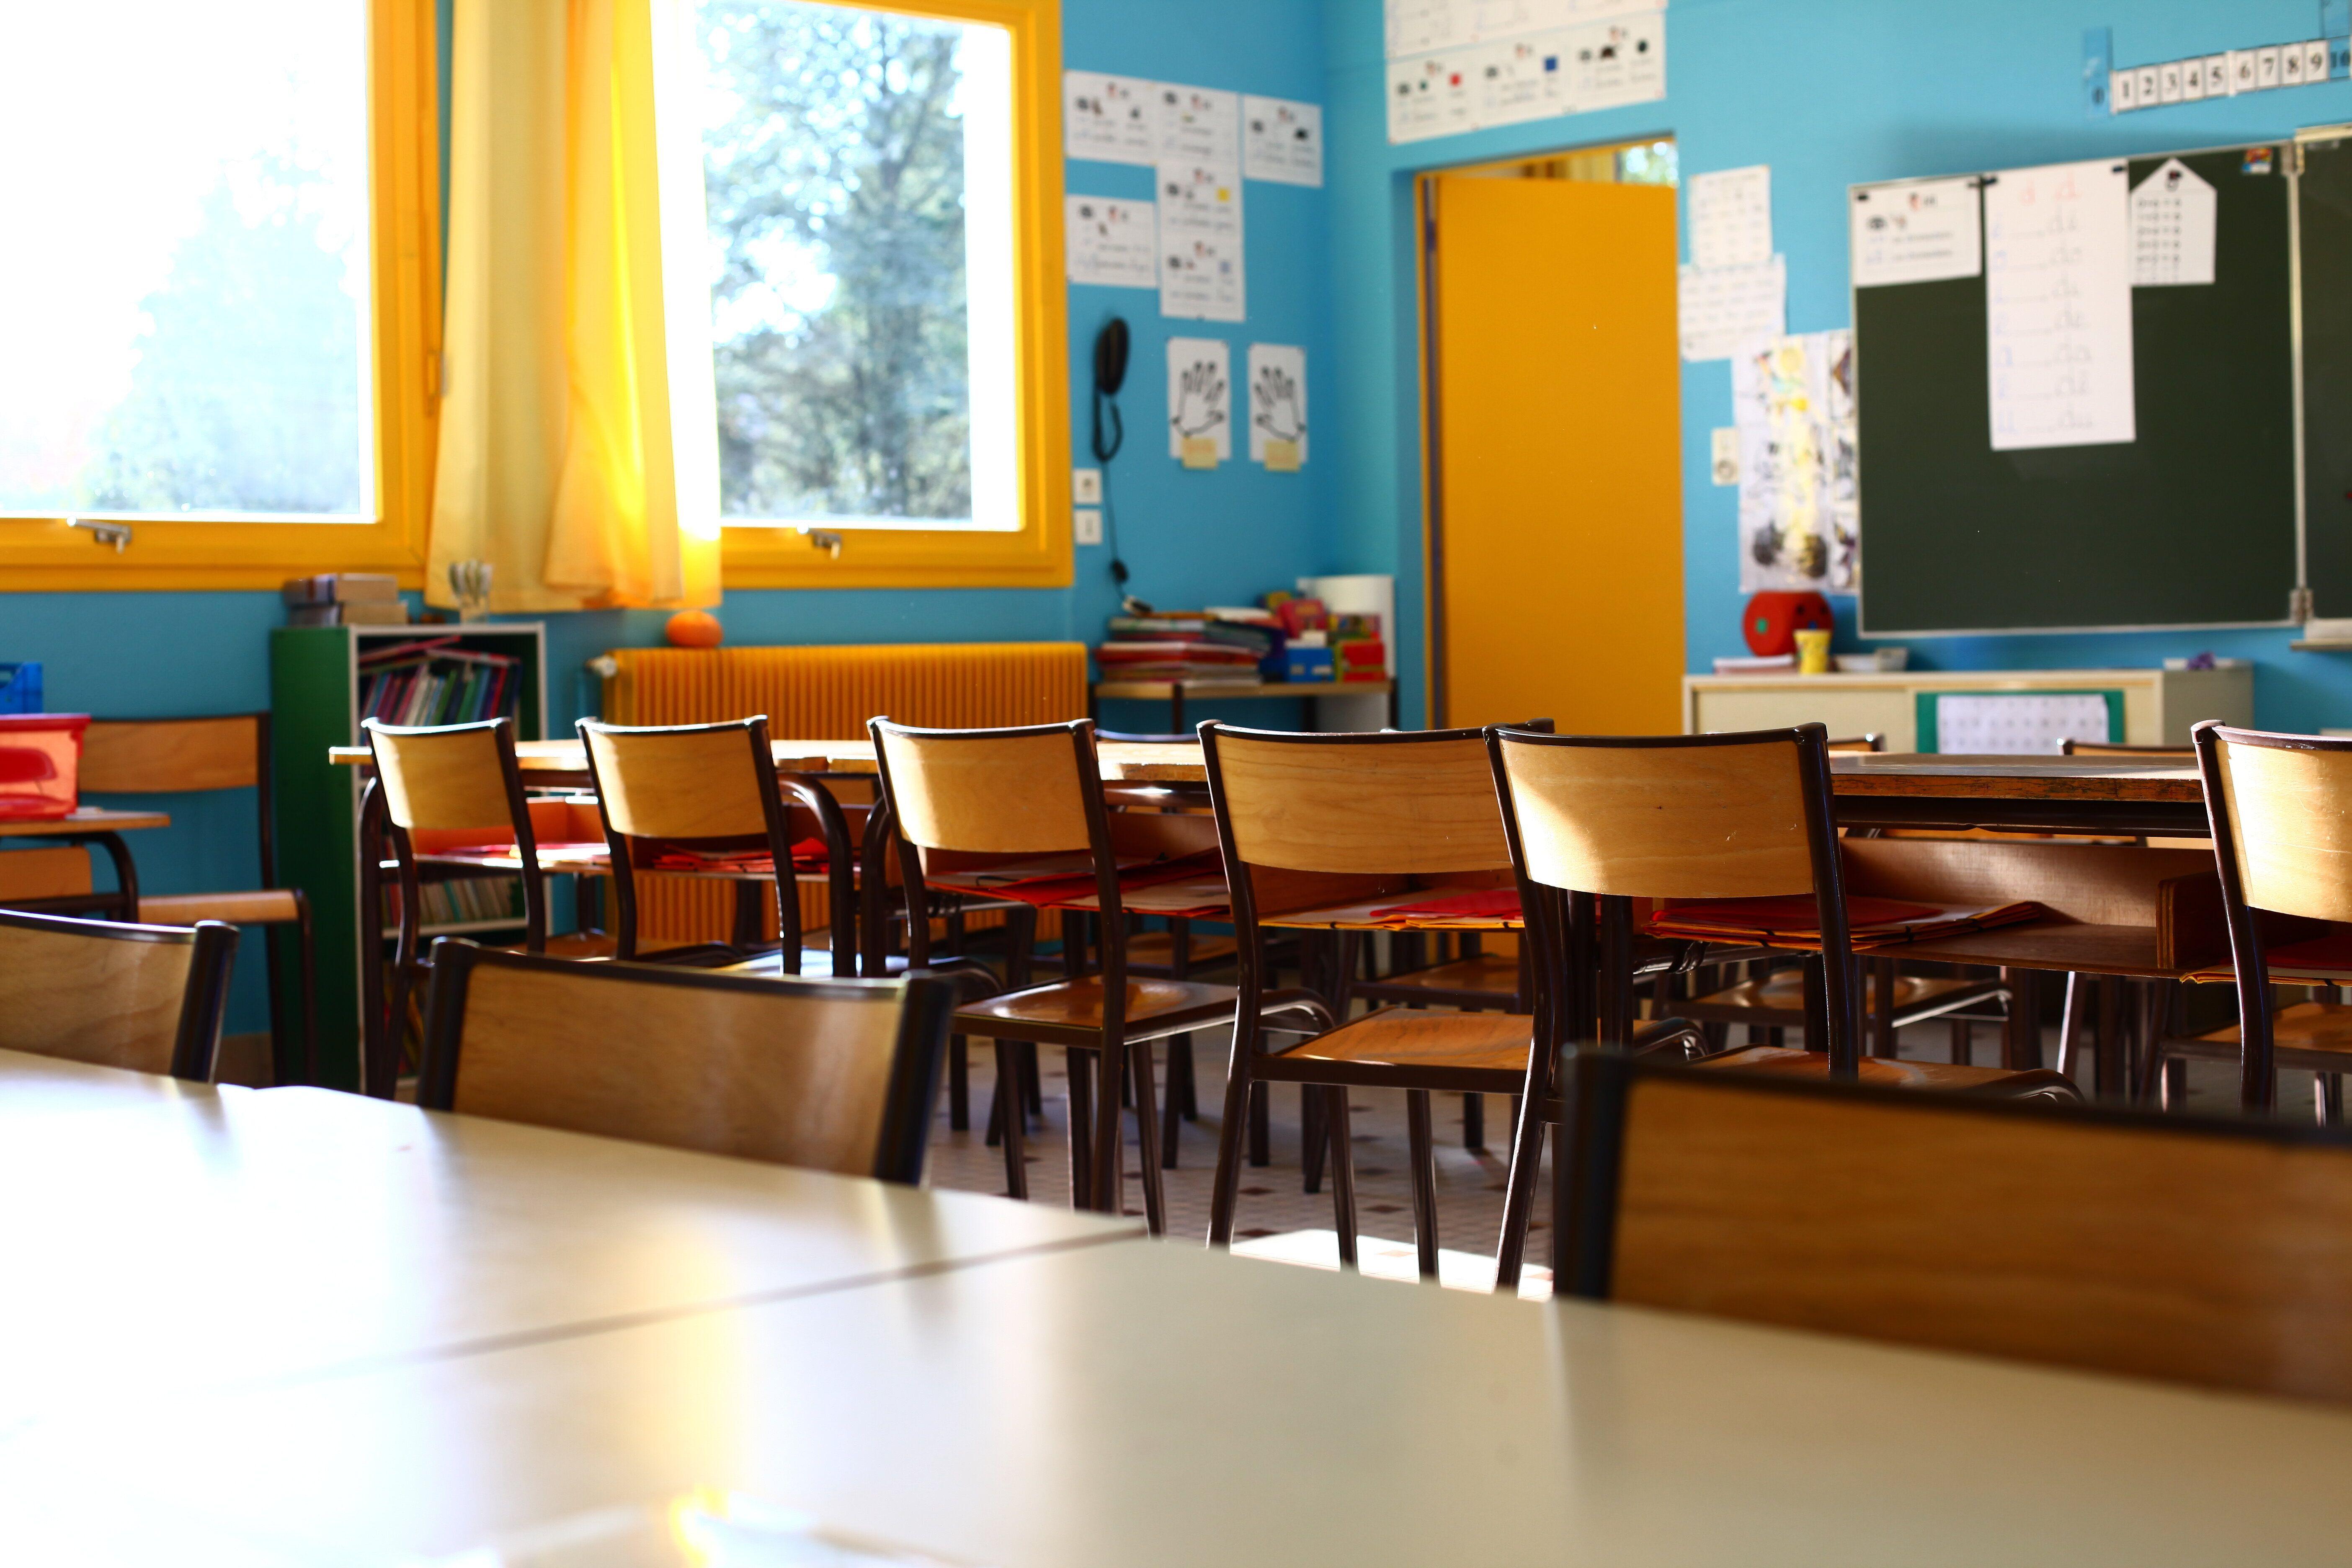 28 établissements scolaires et 262 classes fermés en France à cause du coronavirus...